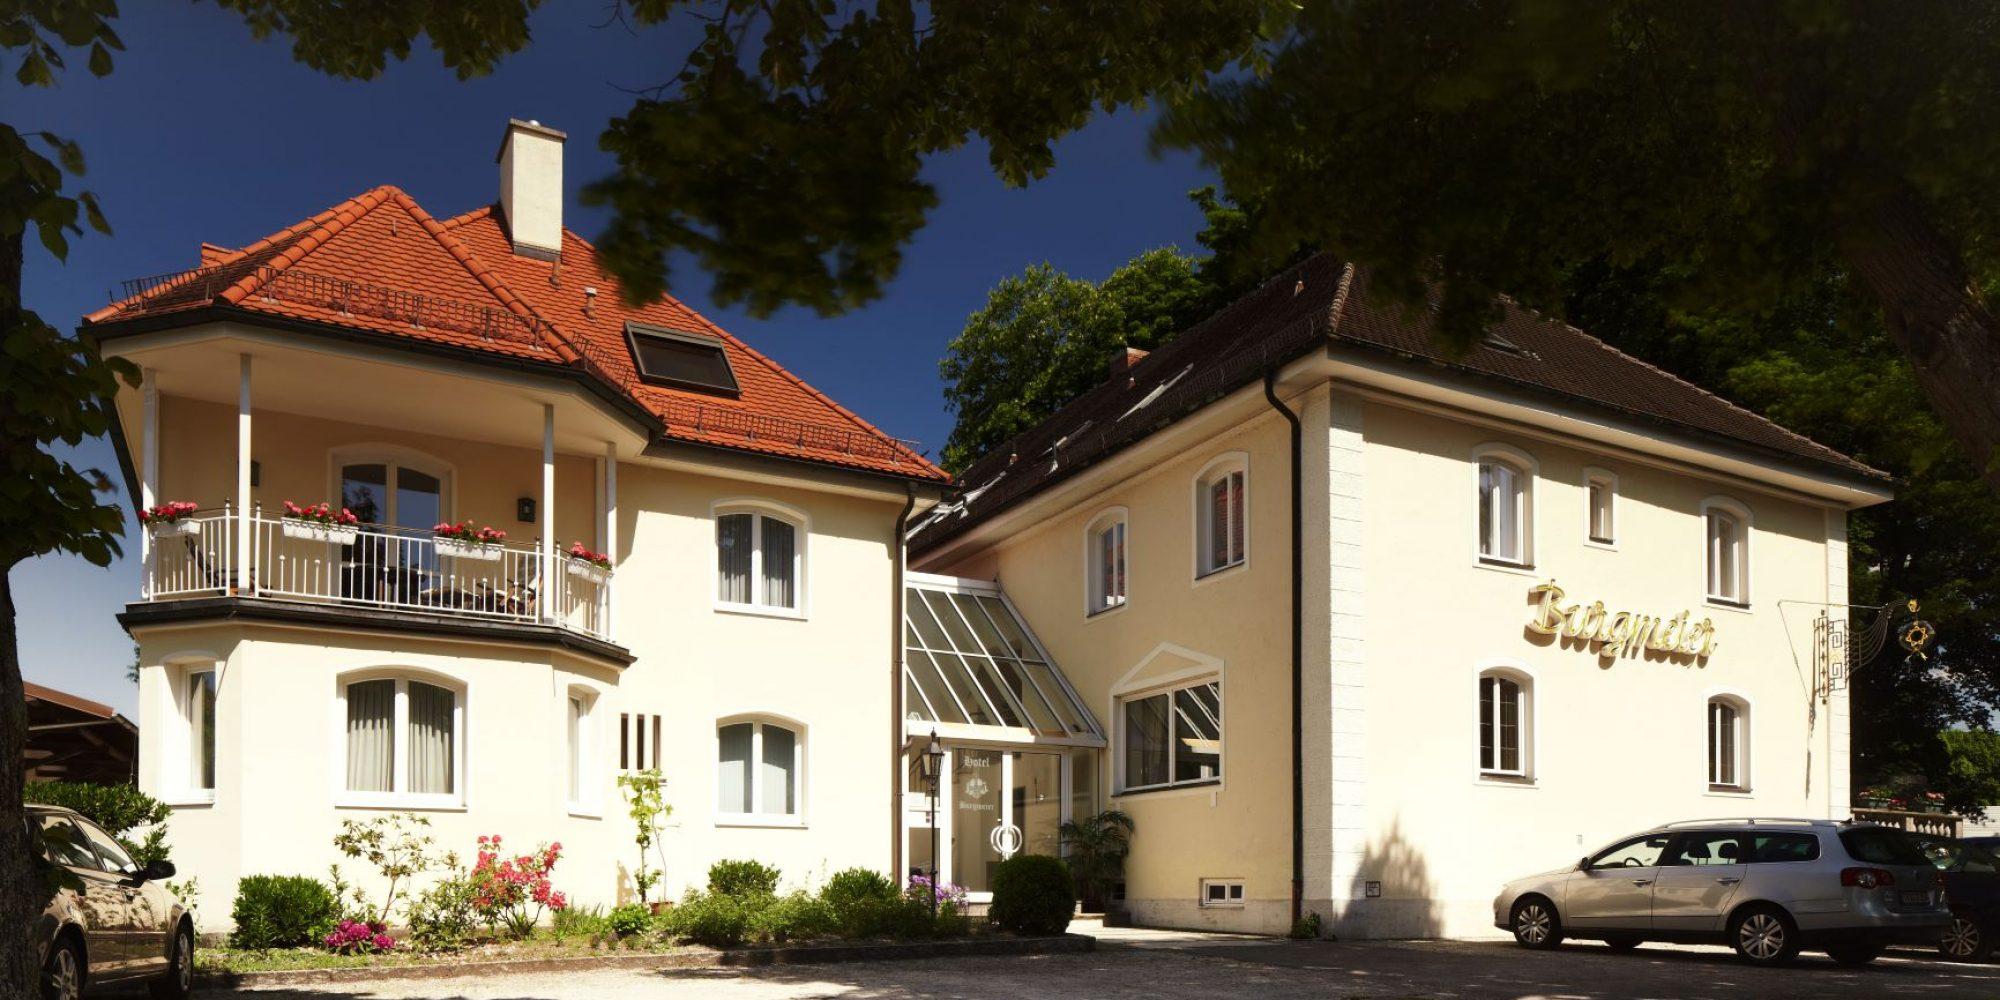 Außenaufnahme Hotel Burgmeier